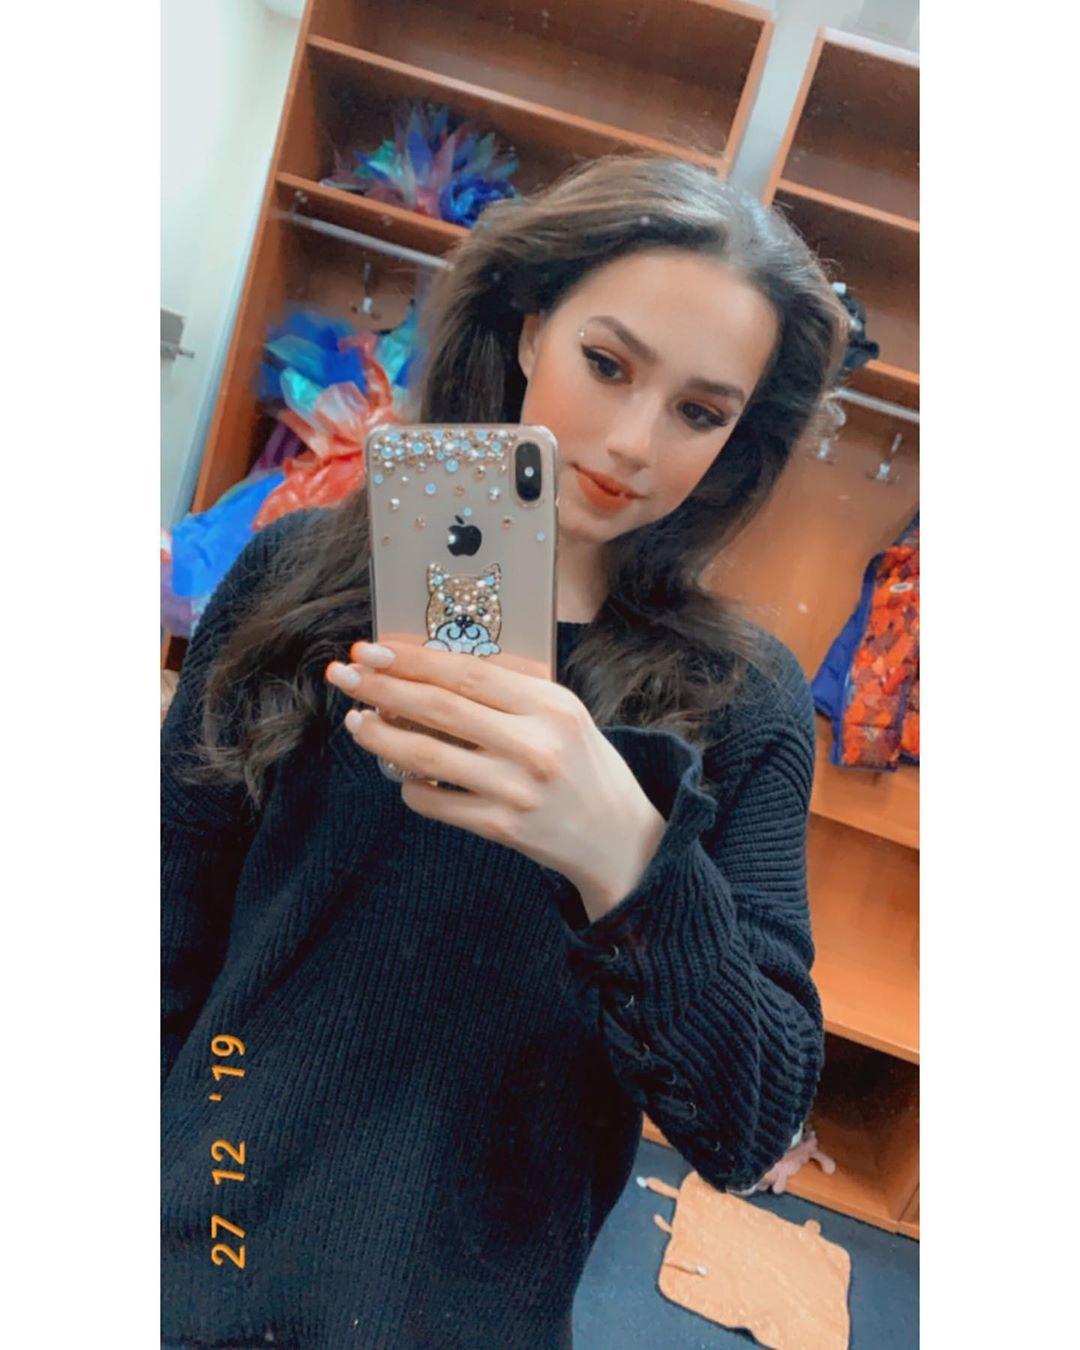 Алина Ильназовна Загитова-2   Олимпийская чемпионка - Страница 50 J9EXevK1P8Q